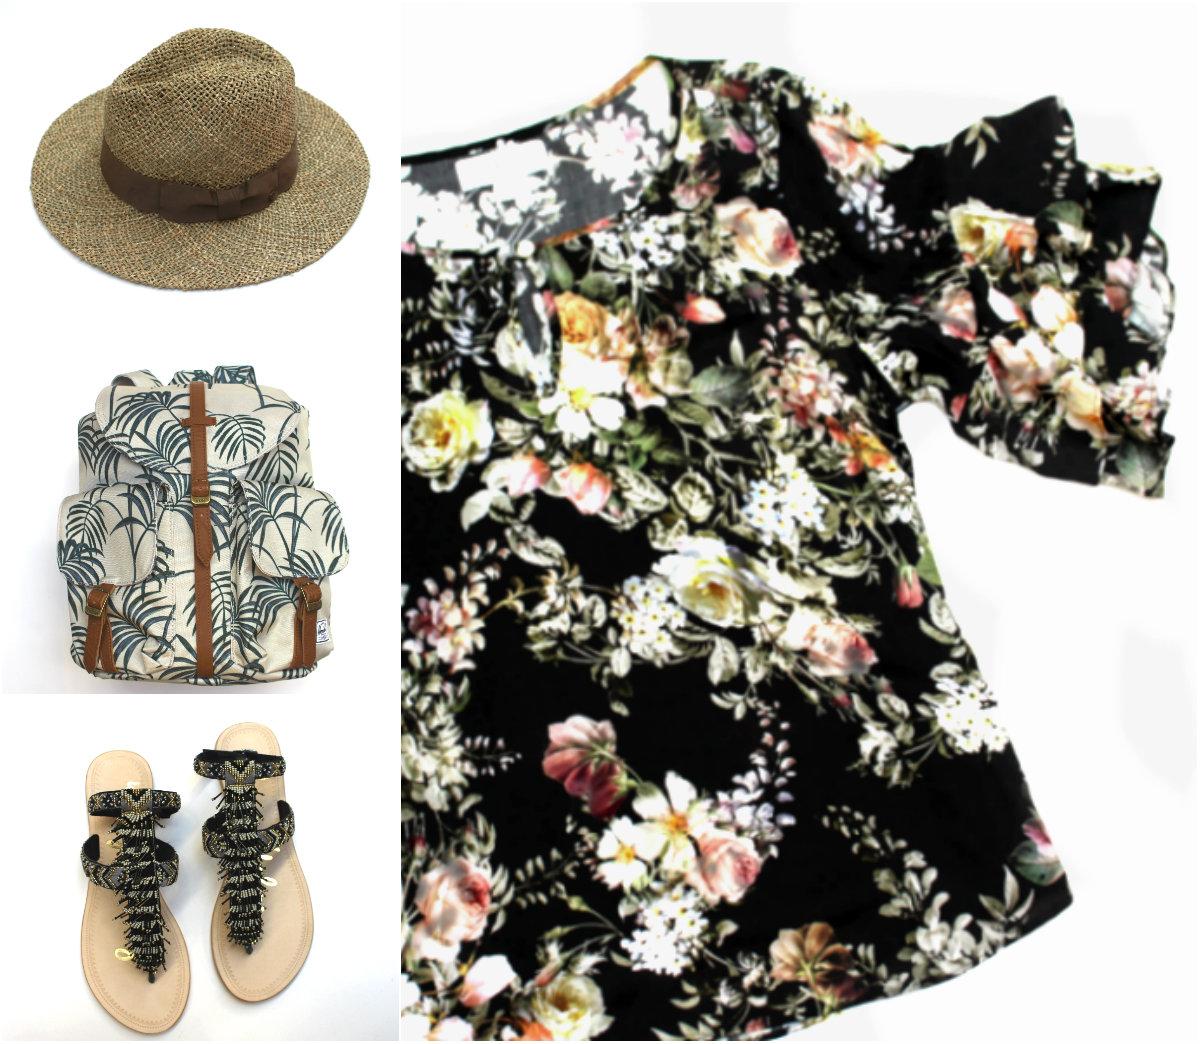 Brixton Straw Hat $55 Herschel Backpack $70 Sam Edelman Fringe Sandals $160 Velvet Floral Top $215